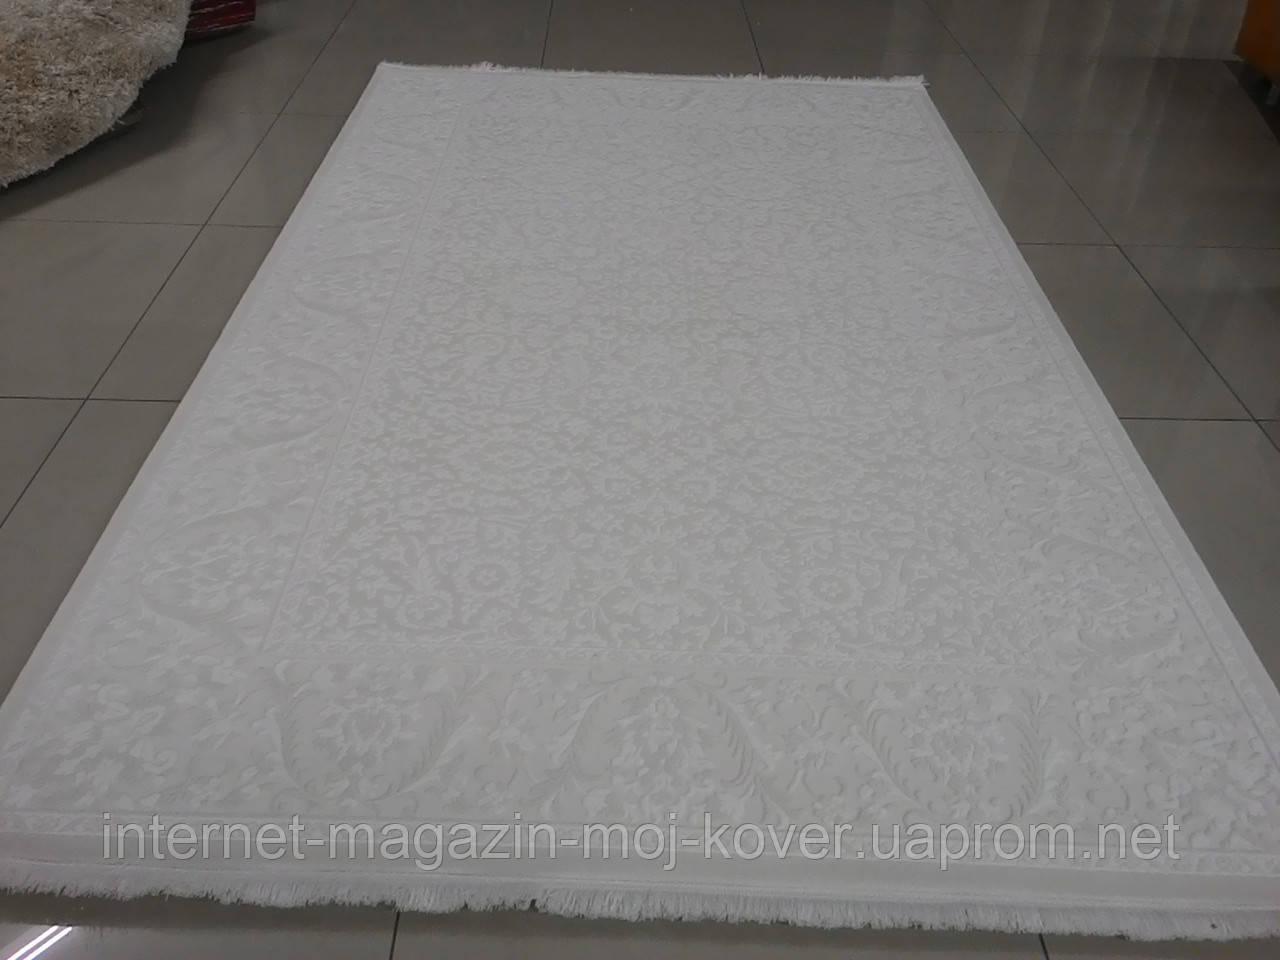 Напольный классический ковер в белых тонах из хлопка и акрила